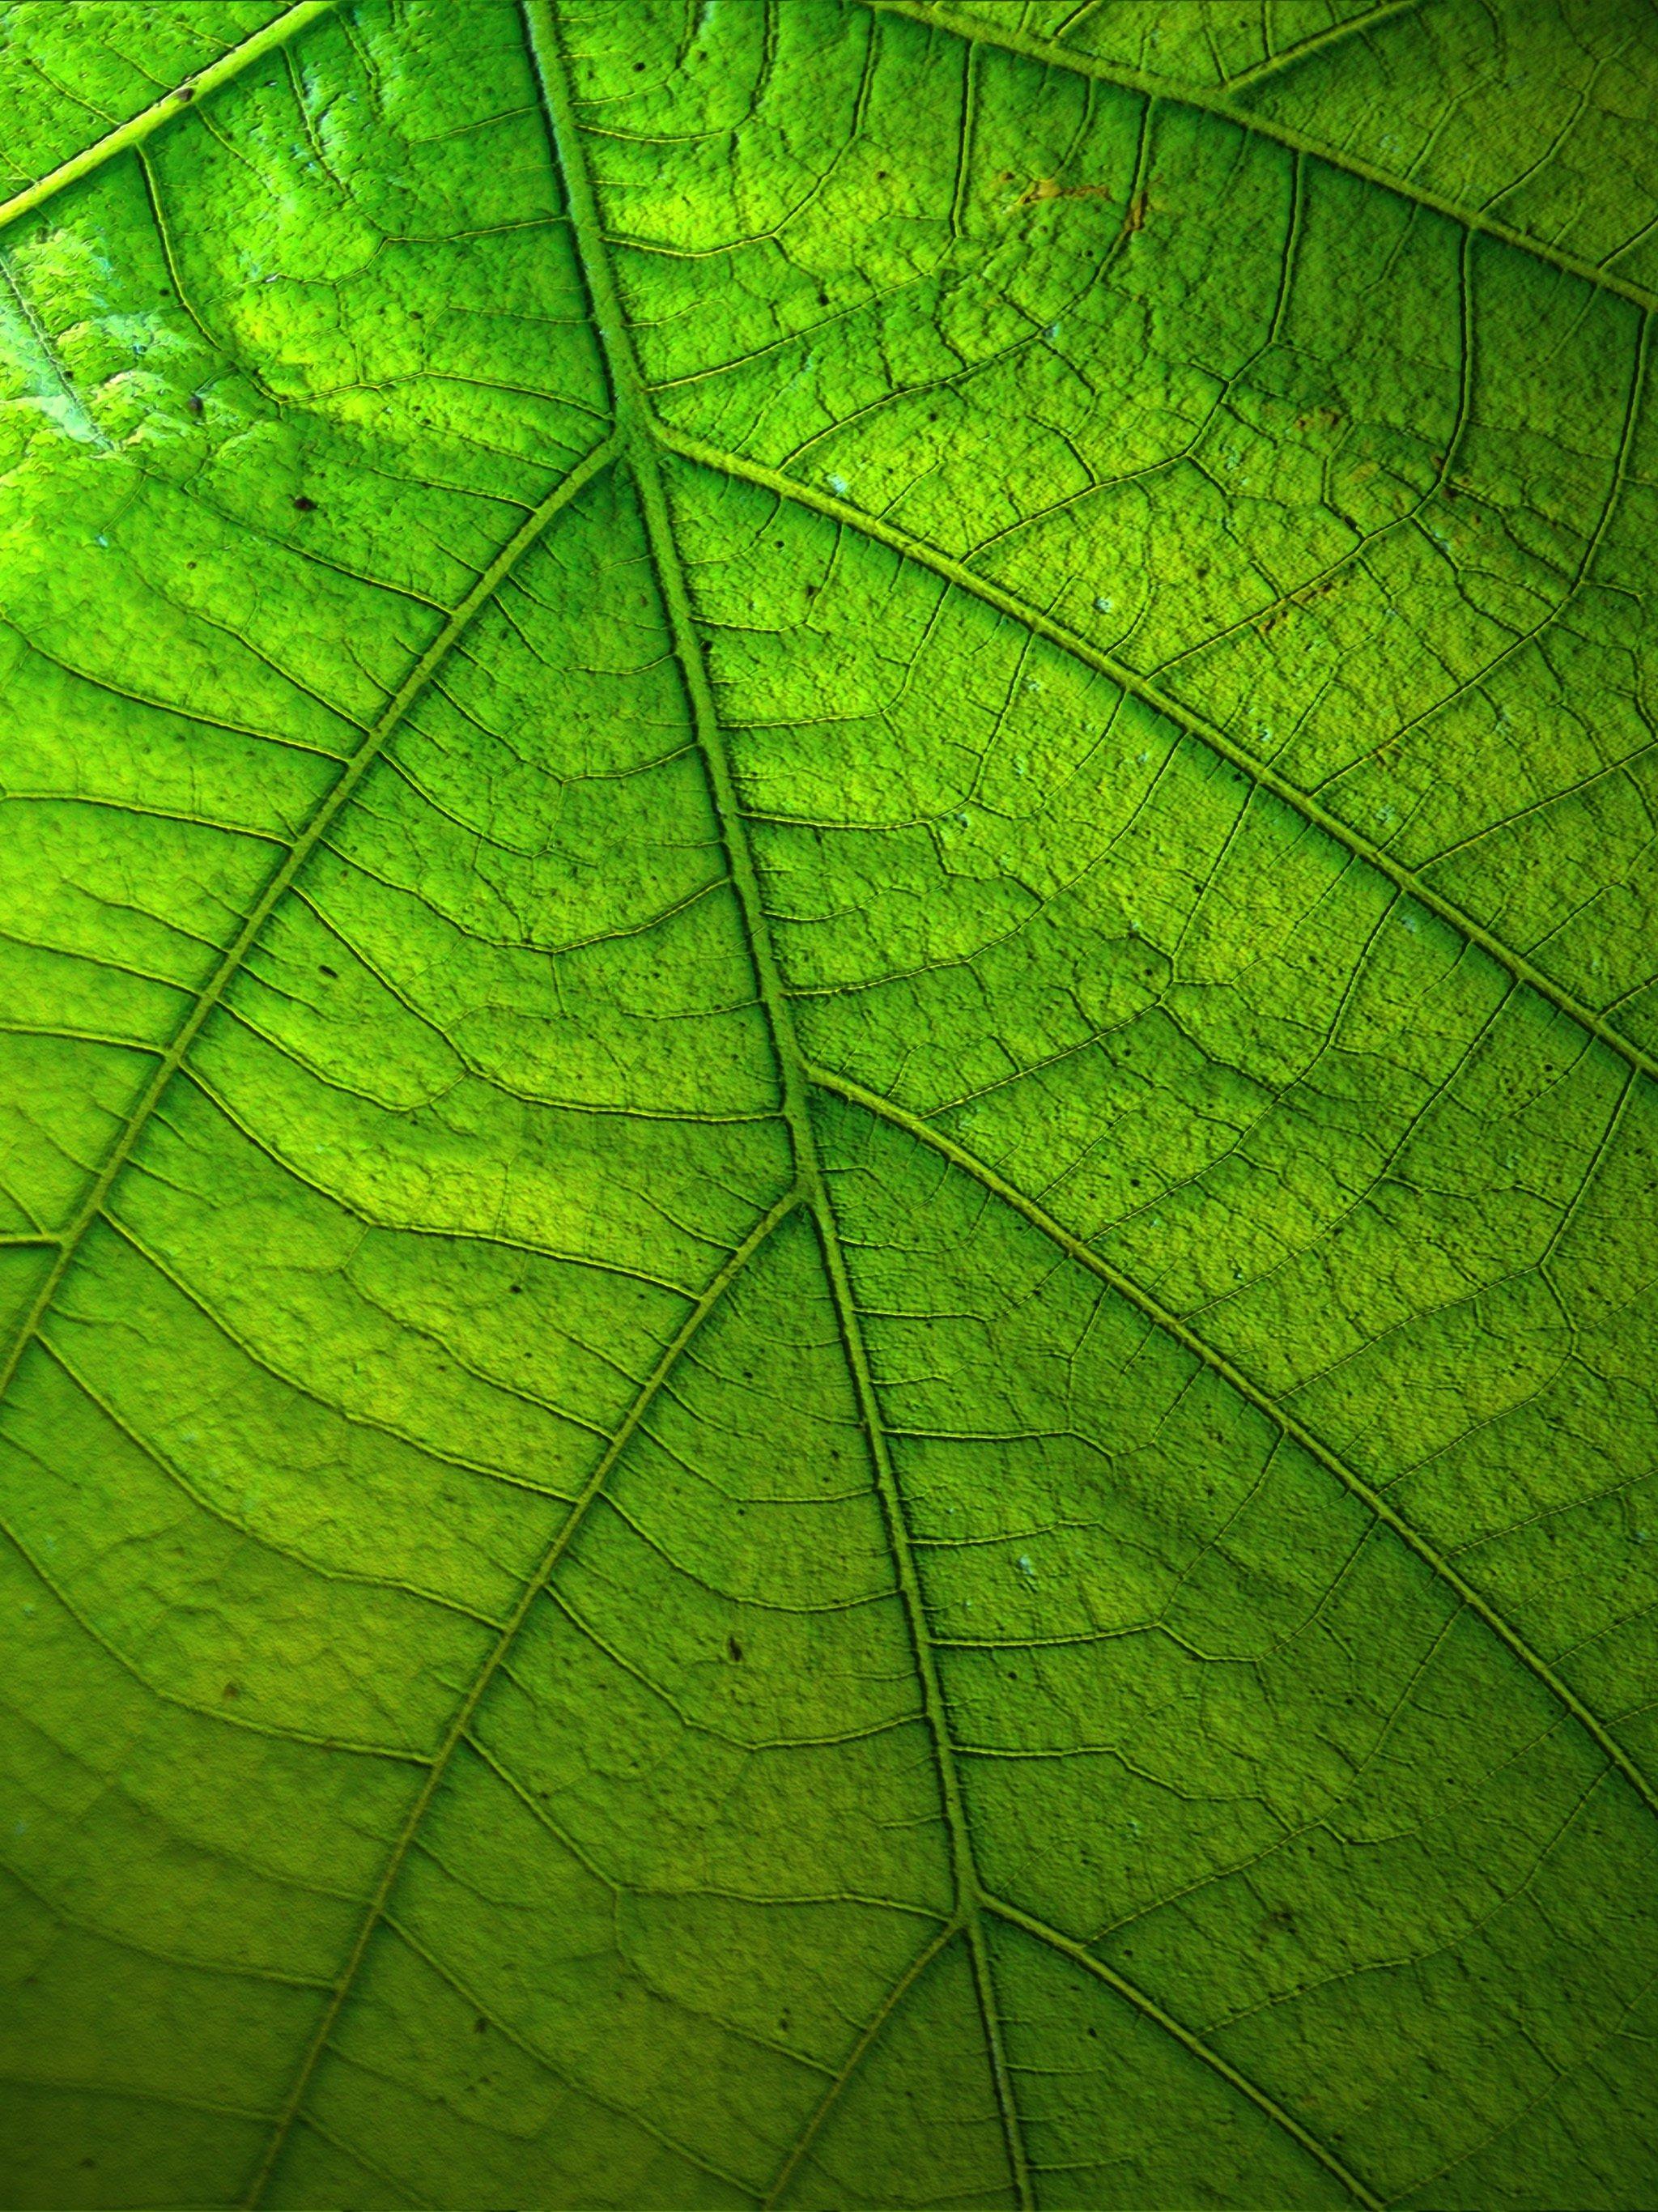 green leaf wallpaper - mobile & desktop background